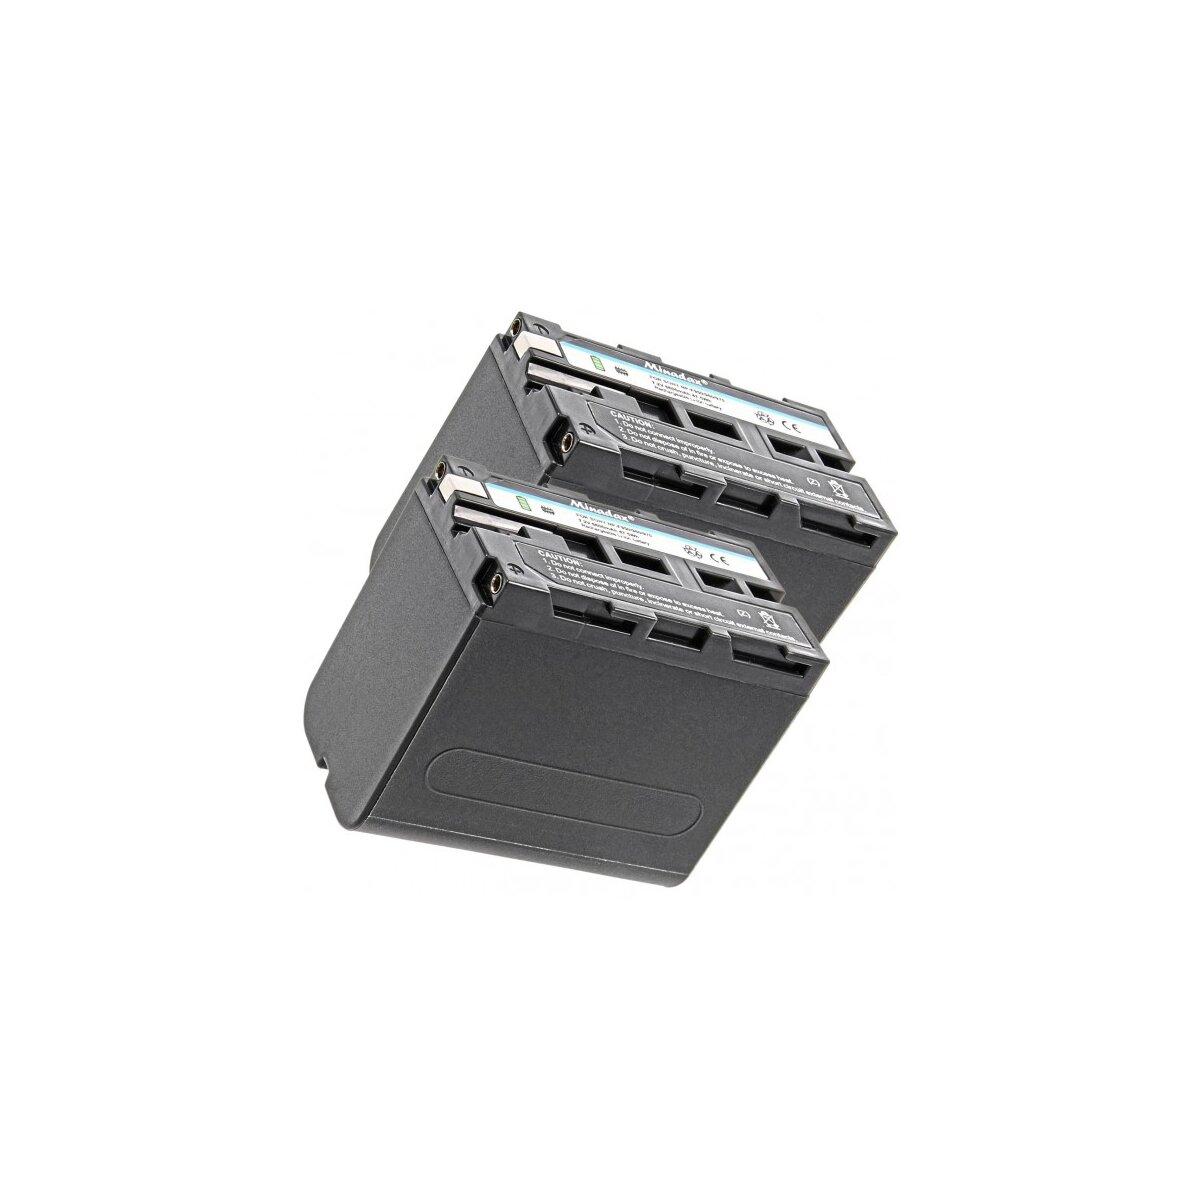 2x Minadax Qualitätsakku mit echten 6600 mAh kompatibel für Sony CCD-TR Series CCD-TRV Series Sony DCR-TR Series Sony DCS-CD Sony MVC-FD Series etc. Ersatz für NP-F970